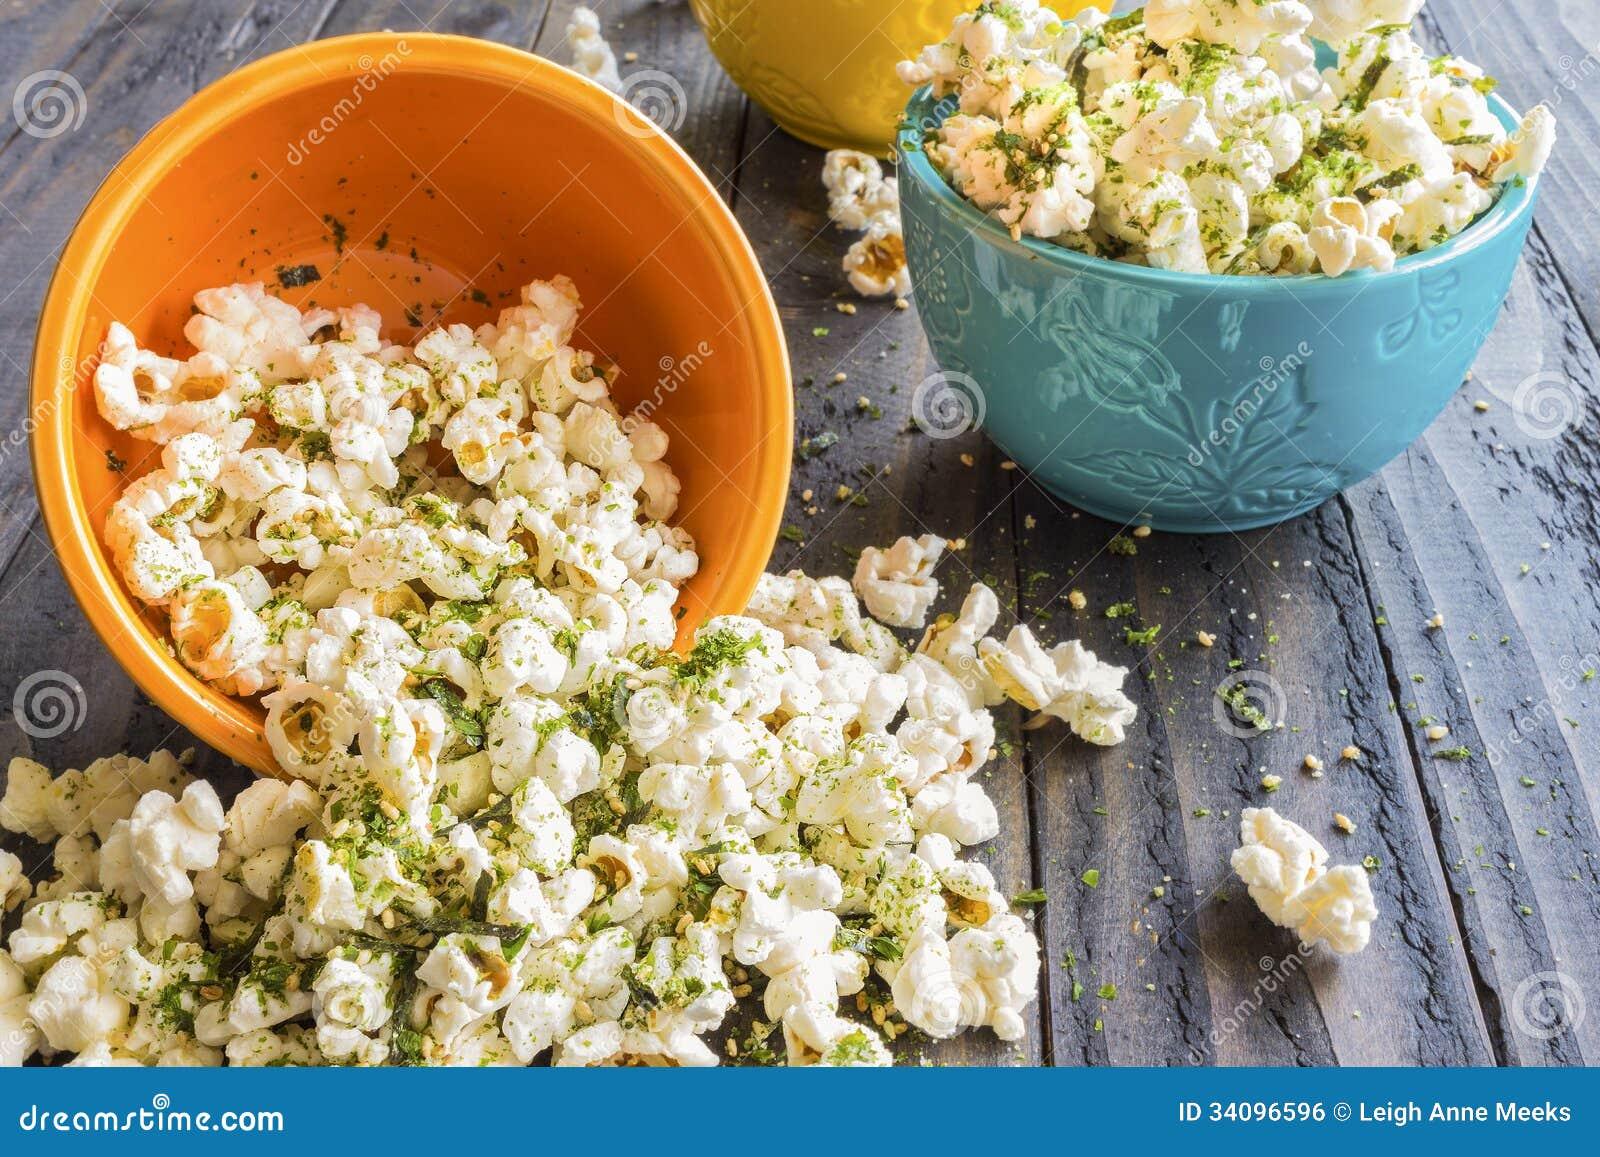 Furikake Popcorn Royalty Free Stock Image - Image: 34096596